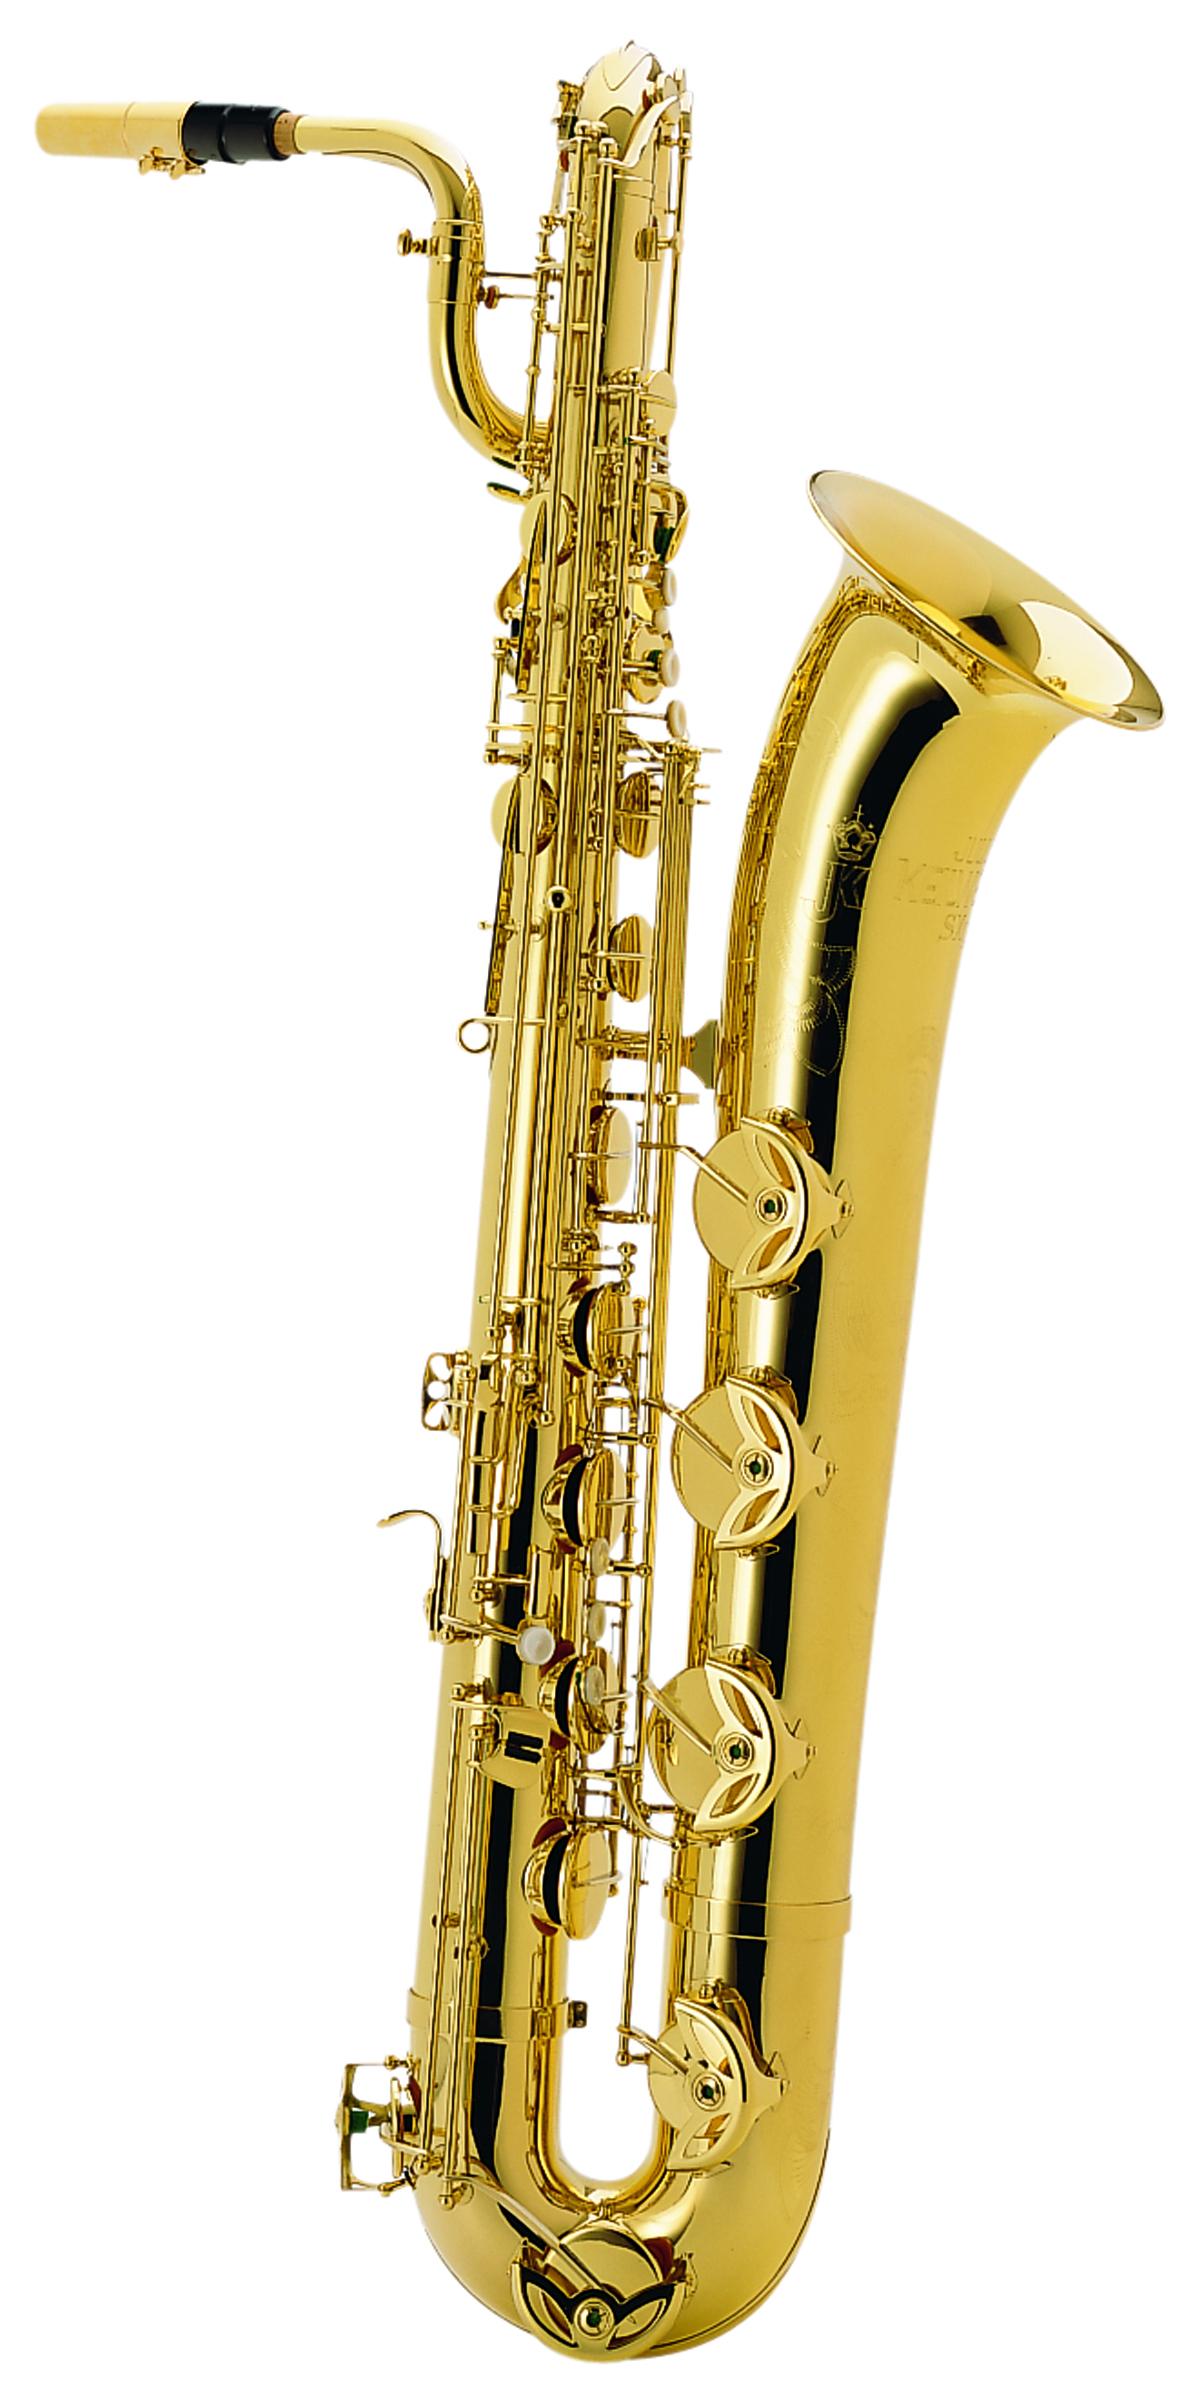 Keilwerth, Julius - JK-4300-8-0 - Holzblasinstrumente - Saxophone | MUSIK BERTRAM Deutschland Freiburg